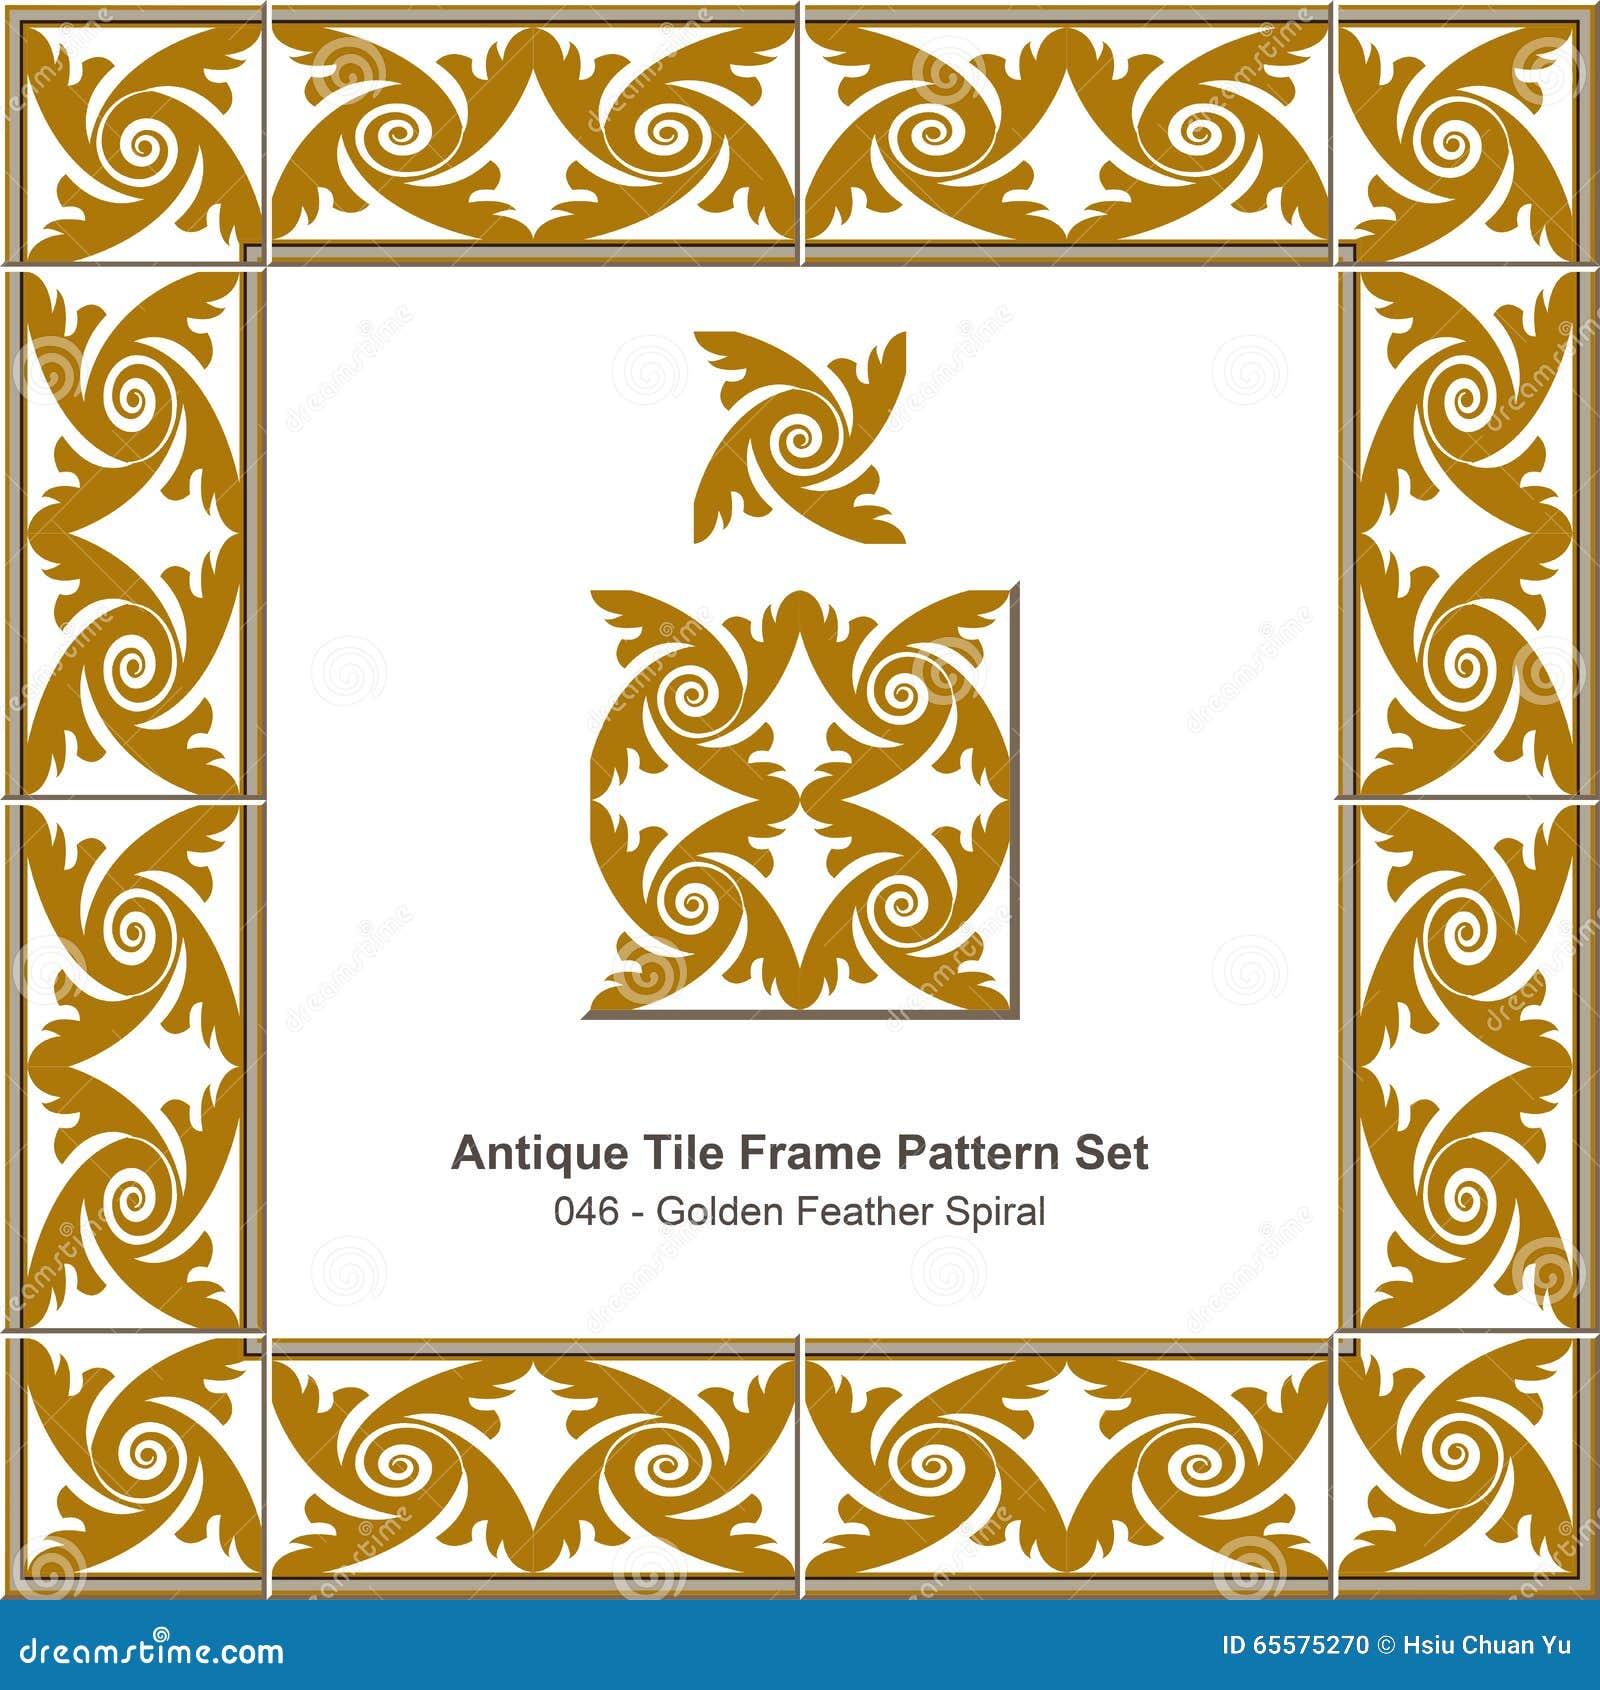 Espiral dourada antiga da pena do teste padrão set_046 do quadro da telha